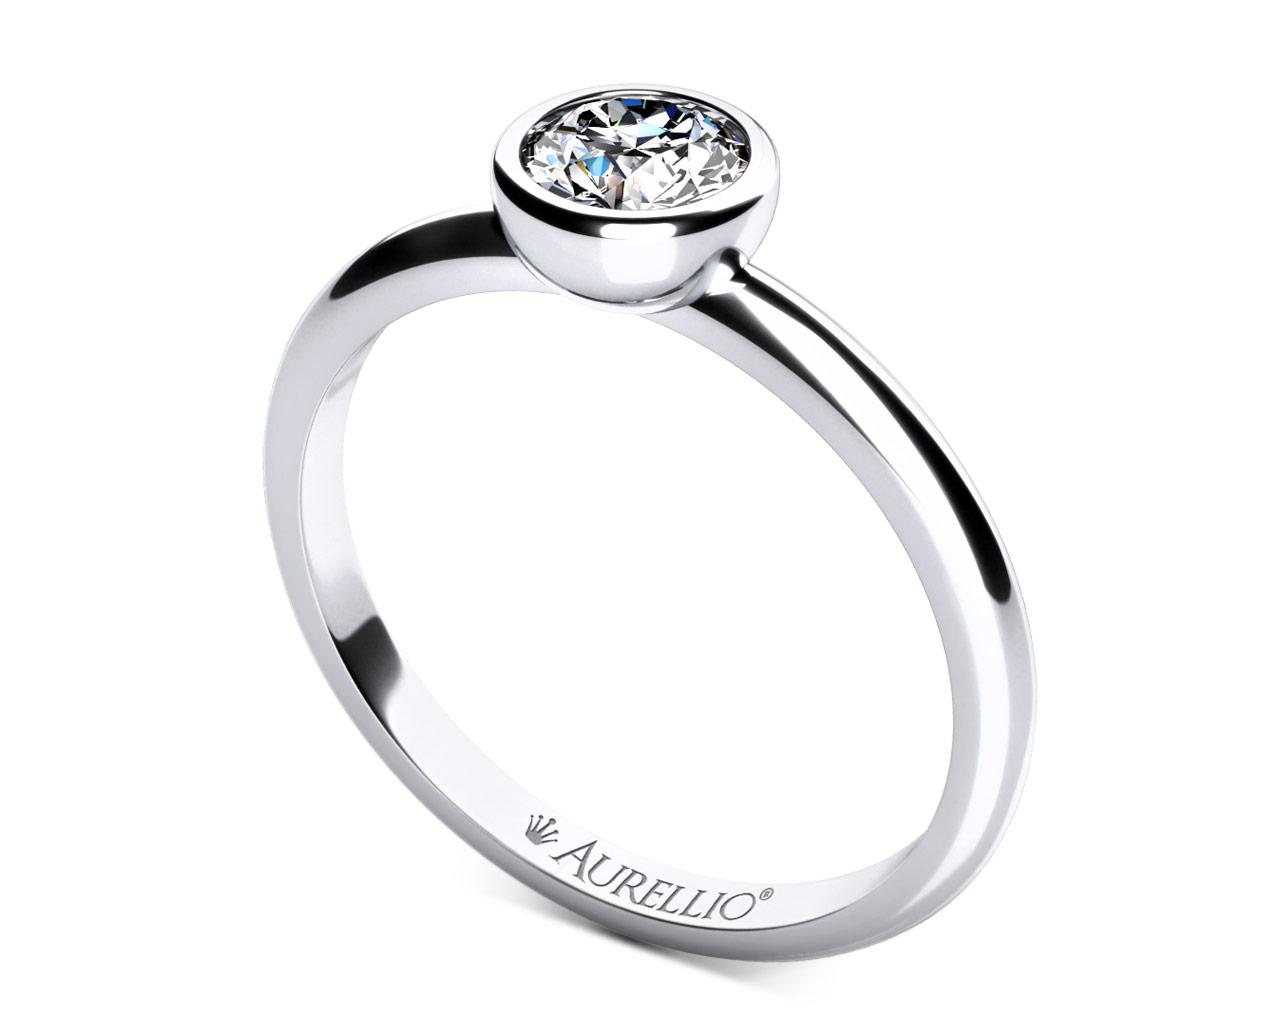 Zásnubní prsten - Hvězda Maia 1. fotka